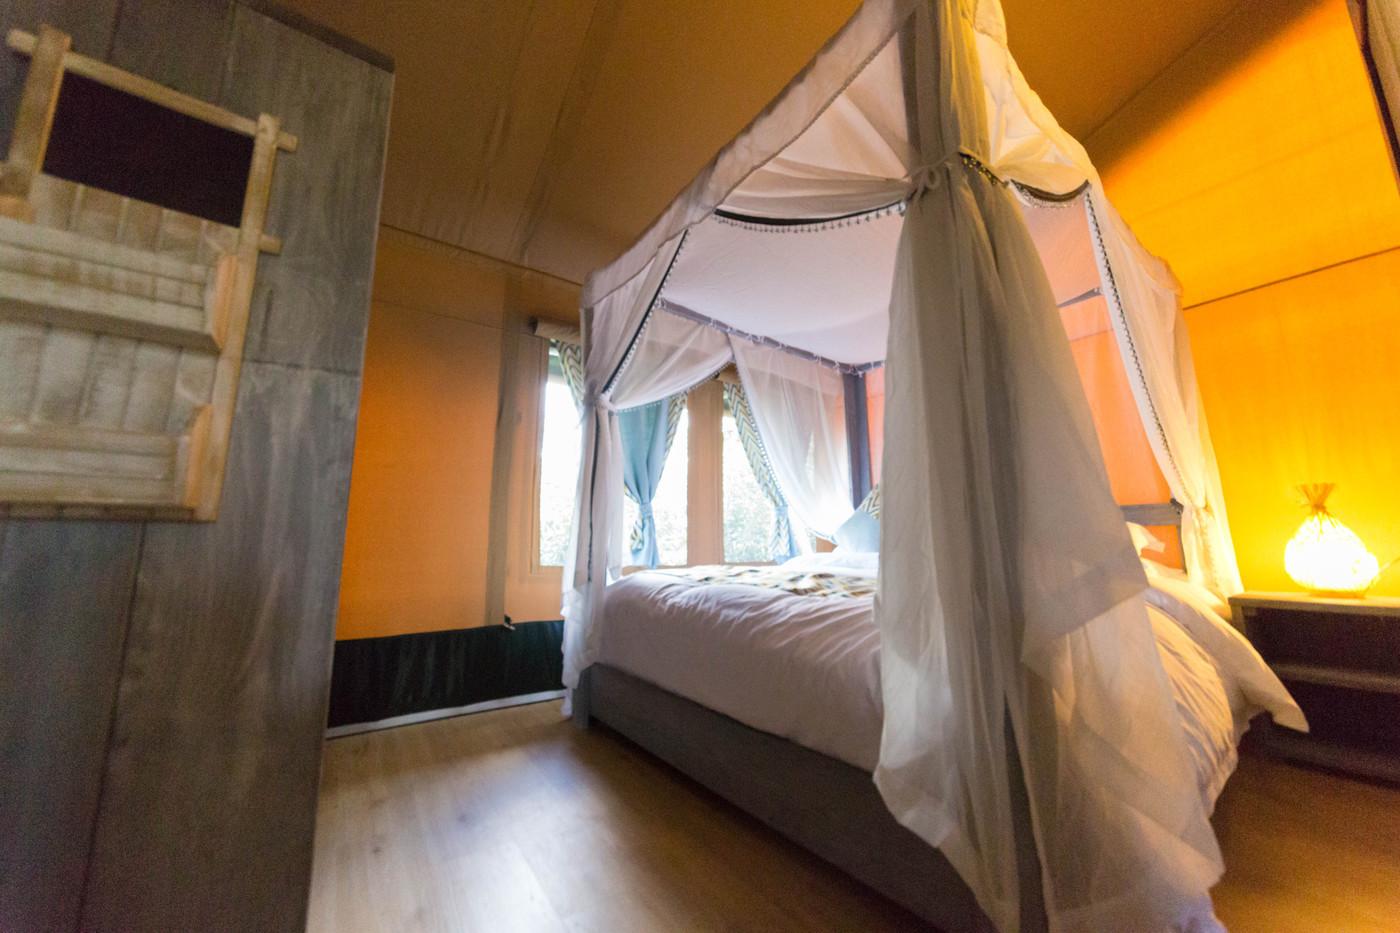 喜马拉雅野奢帐篷酒店—云南腾冲高黎贡山茶博园46